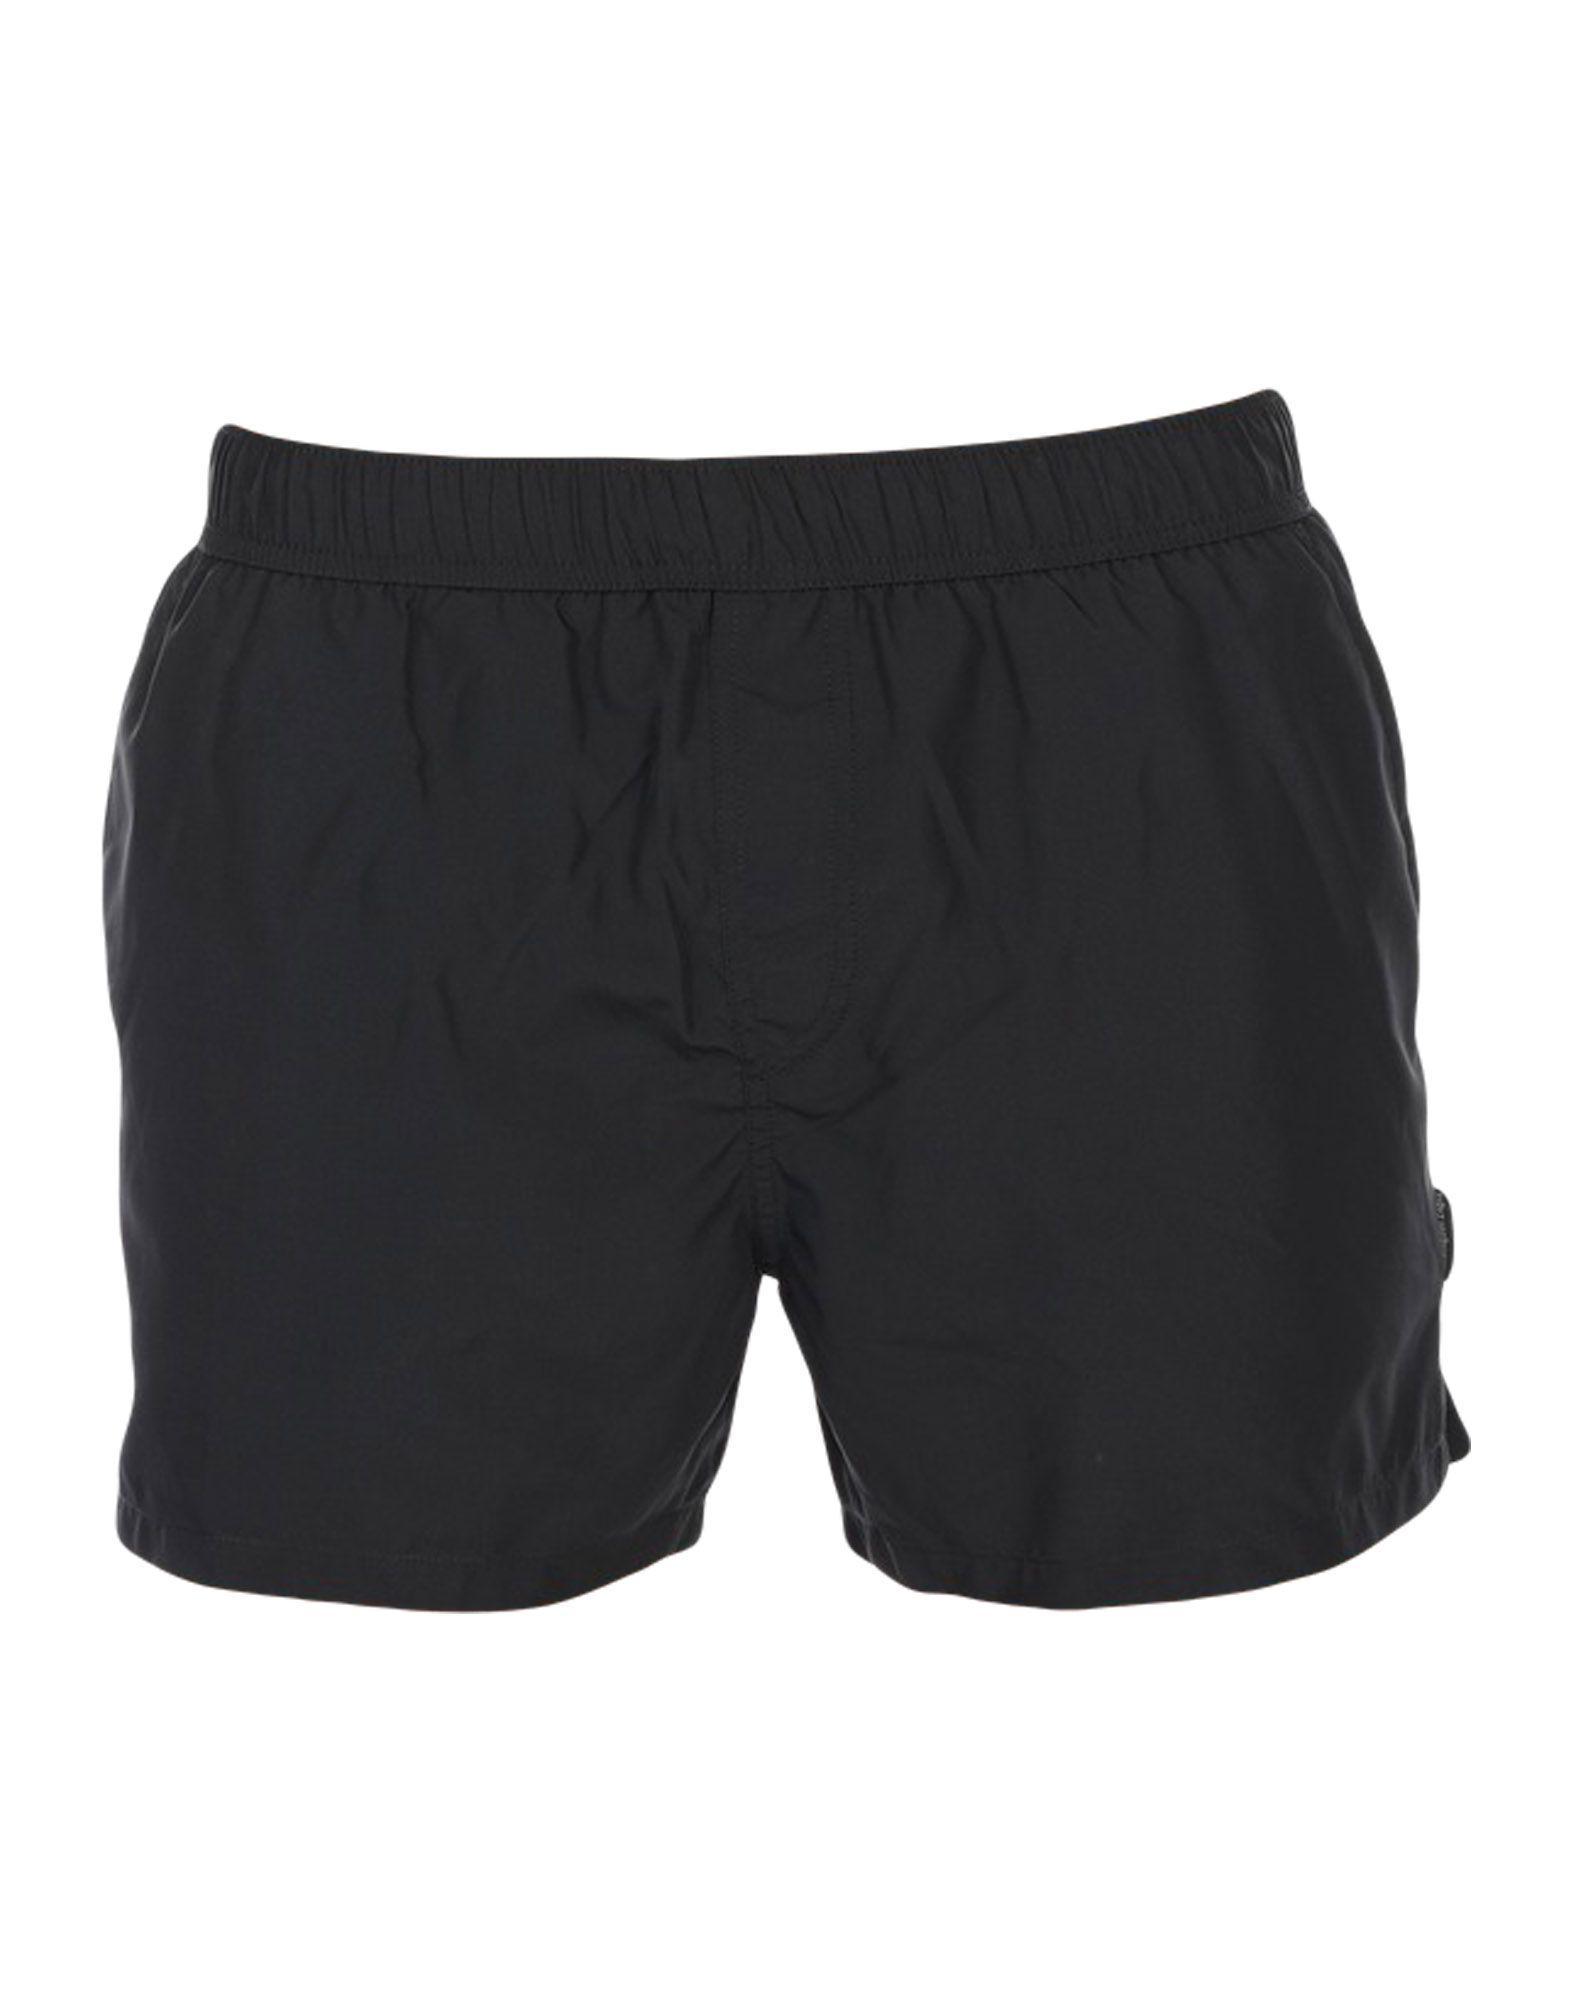 4acdfd9085 Lyst - Ermenegildo Zegna Swim Trunks in Black for Men